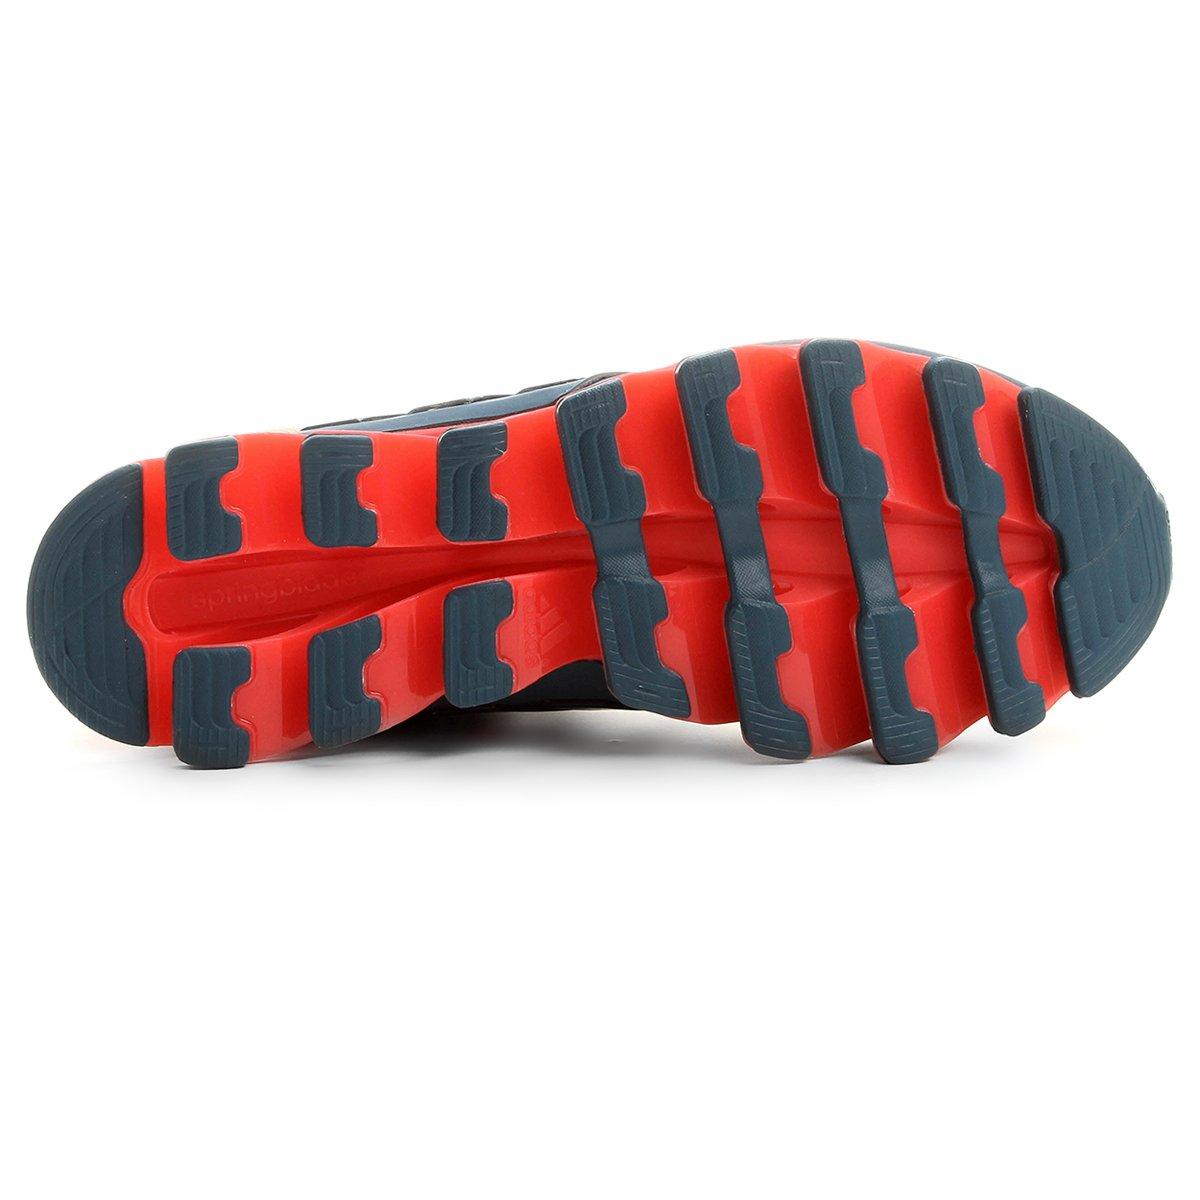 b38f9ed81f Tênis Adidas Springblade Drive 3 Feminino - Compre Agora